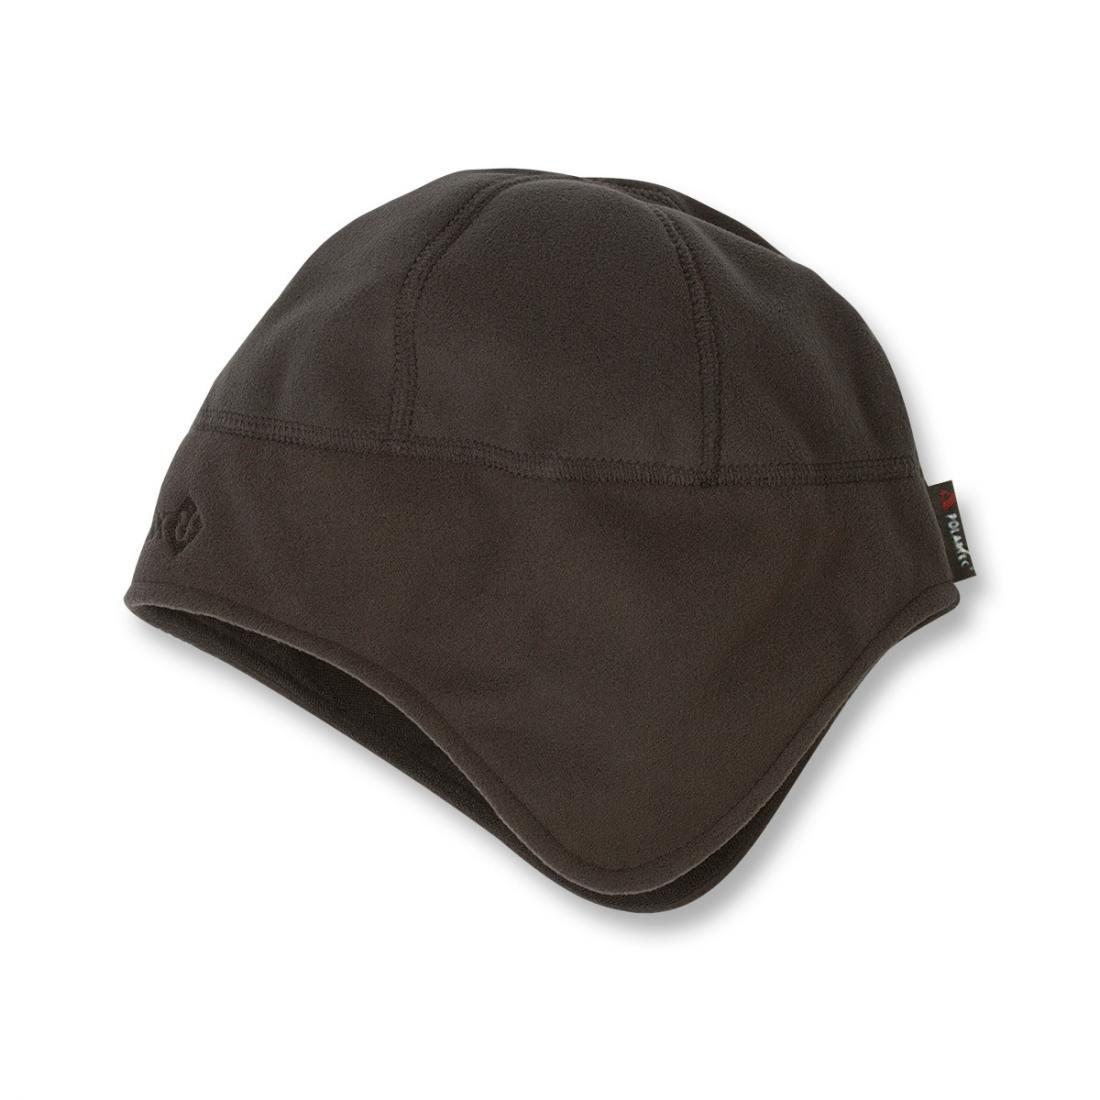 Шапка FiordШапки<br><br> Теплая непродуваемая шапка из материала Polartec®Windbloc®.<br><br><br> Основные характеристики<br><br><br>облегающий анатомический крой<br>особенный дизайн для дополнительной защиты ушей<br><br> Особенности<br><br>&lt;...<br><br>Цвет: Черный<br>Размер: 56